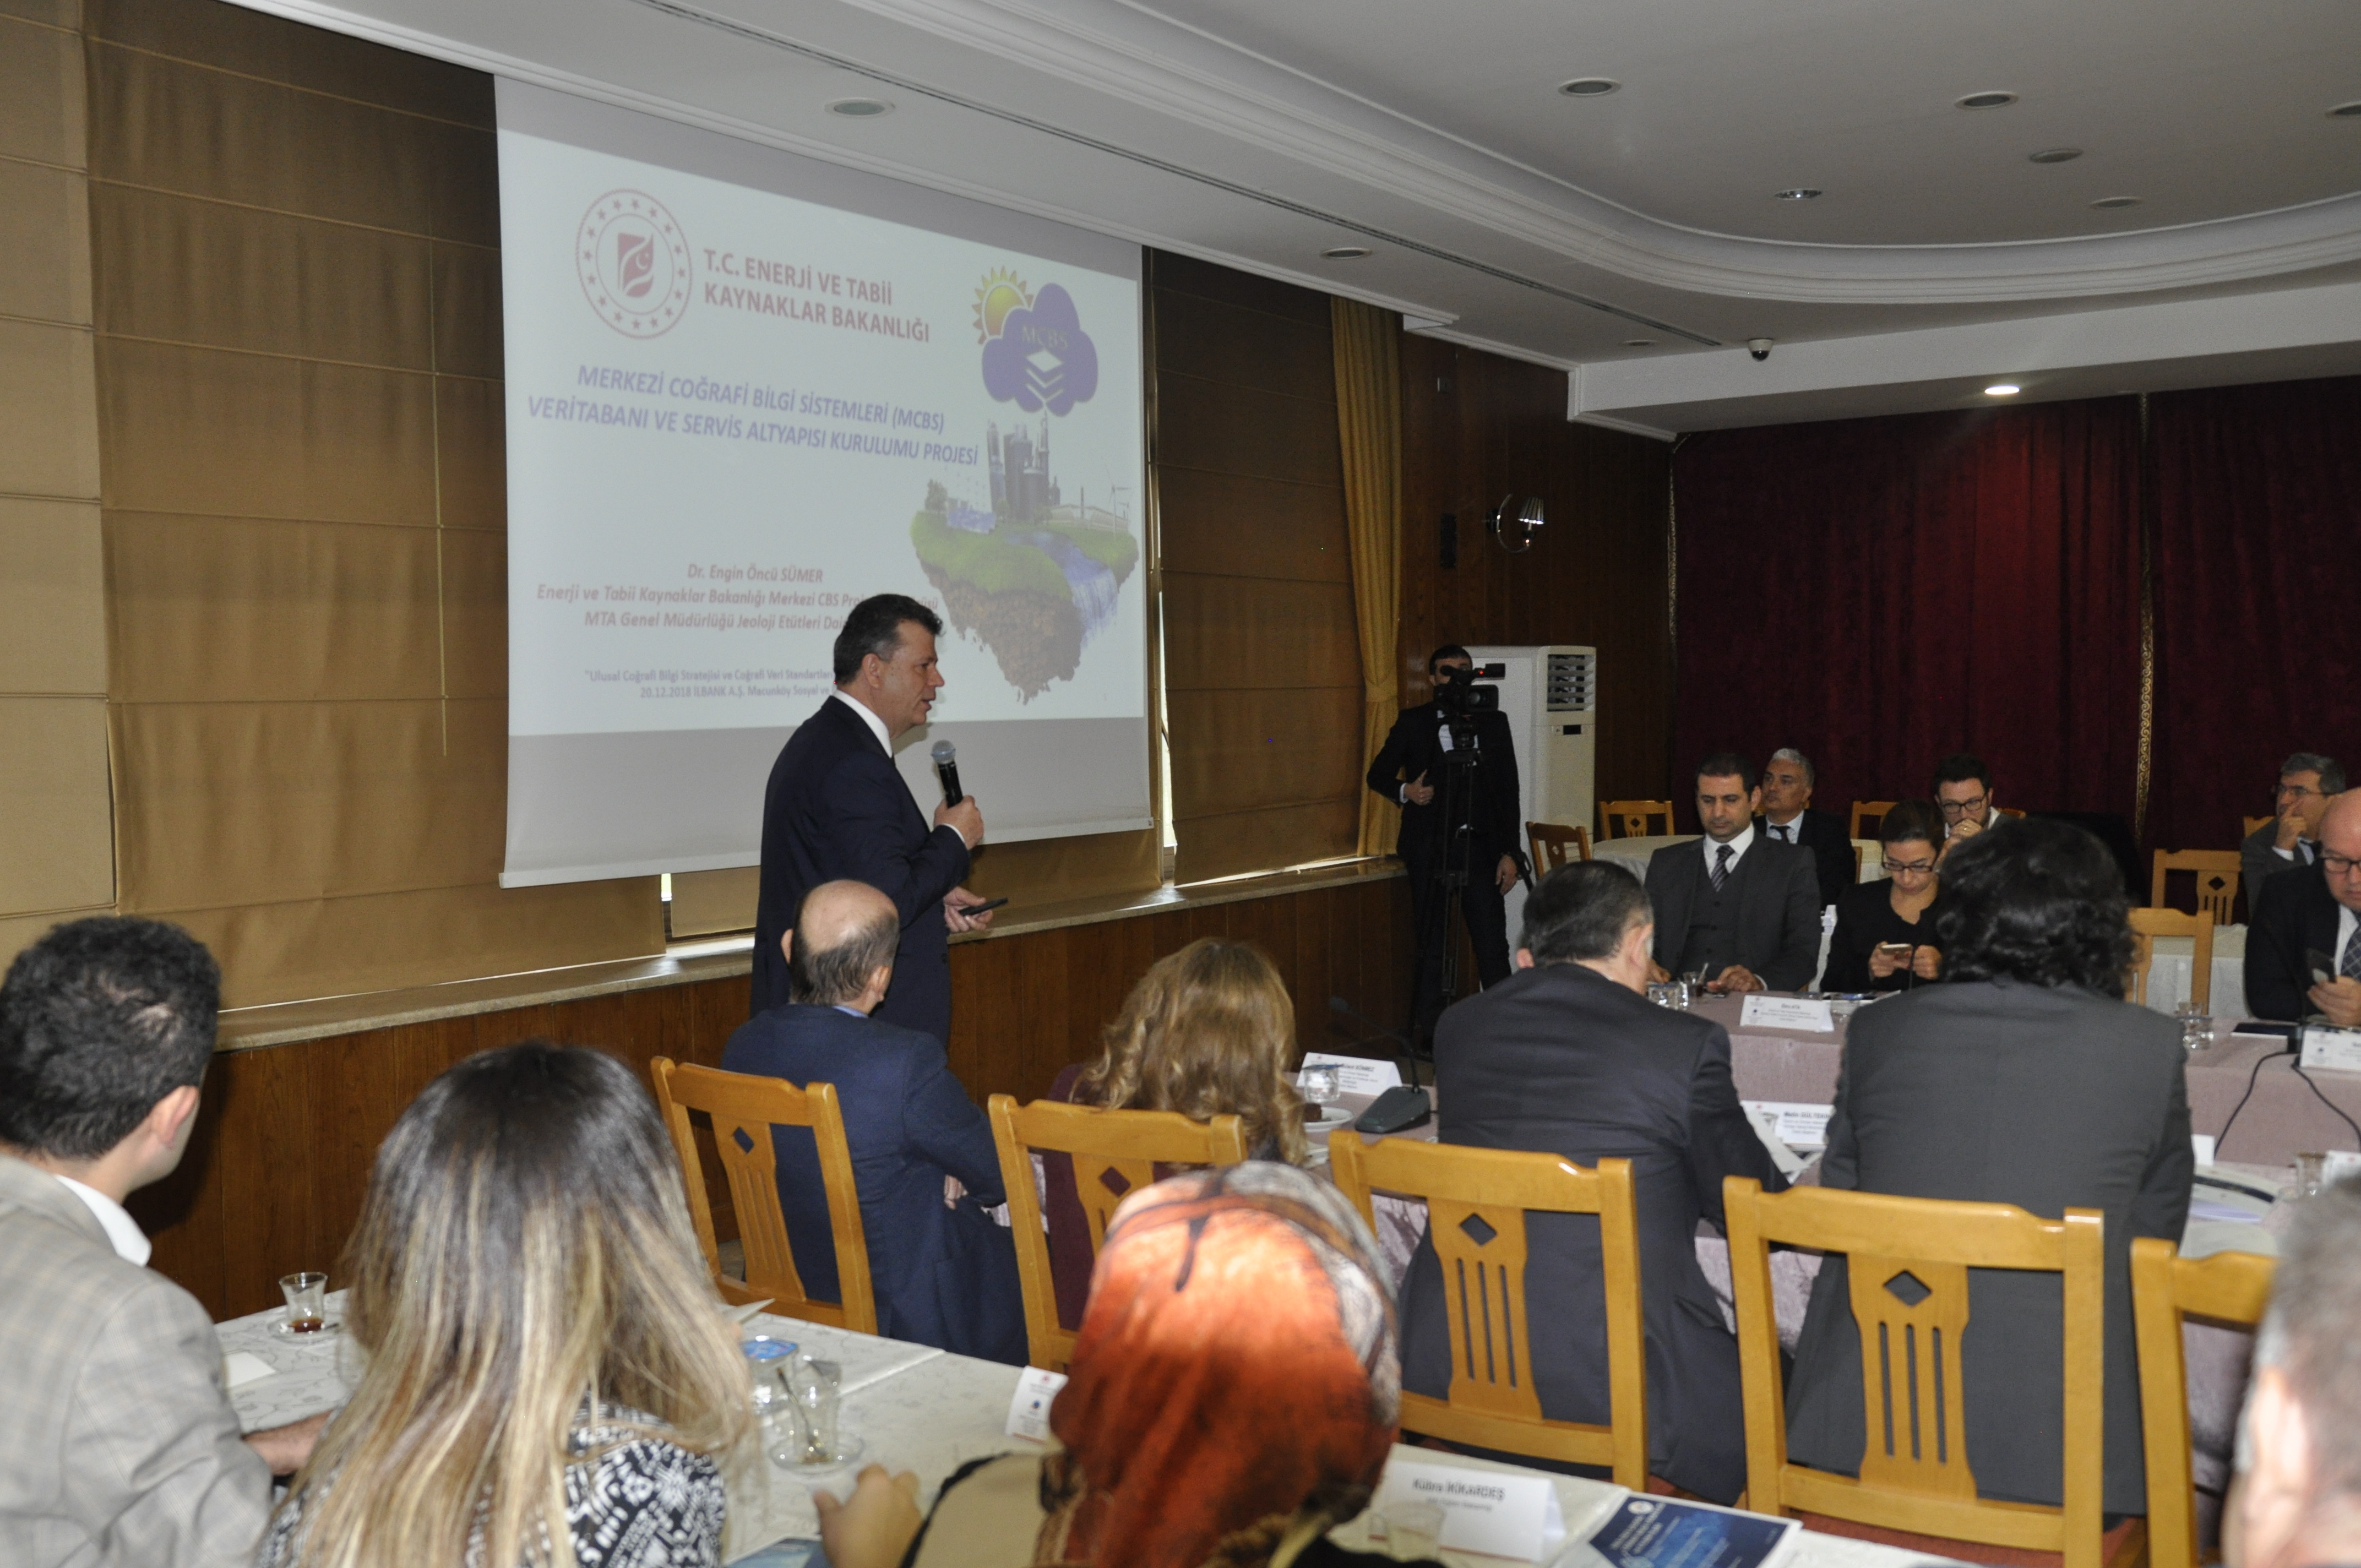 Türkiye Ulusal Coğrafi Bilgi Sistemi (TUCBS) Teknik Komite Toplantısının Üçüncüsü Gerçekleştirildi.